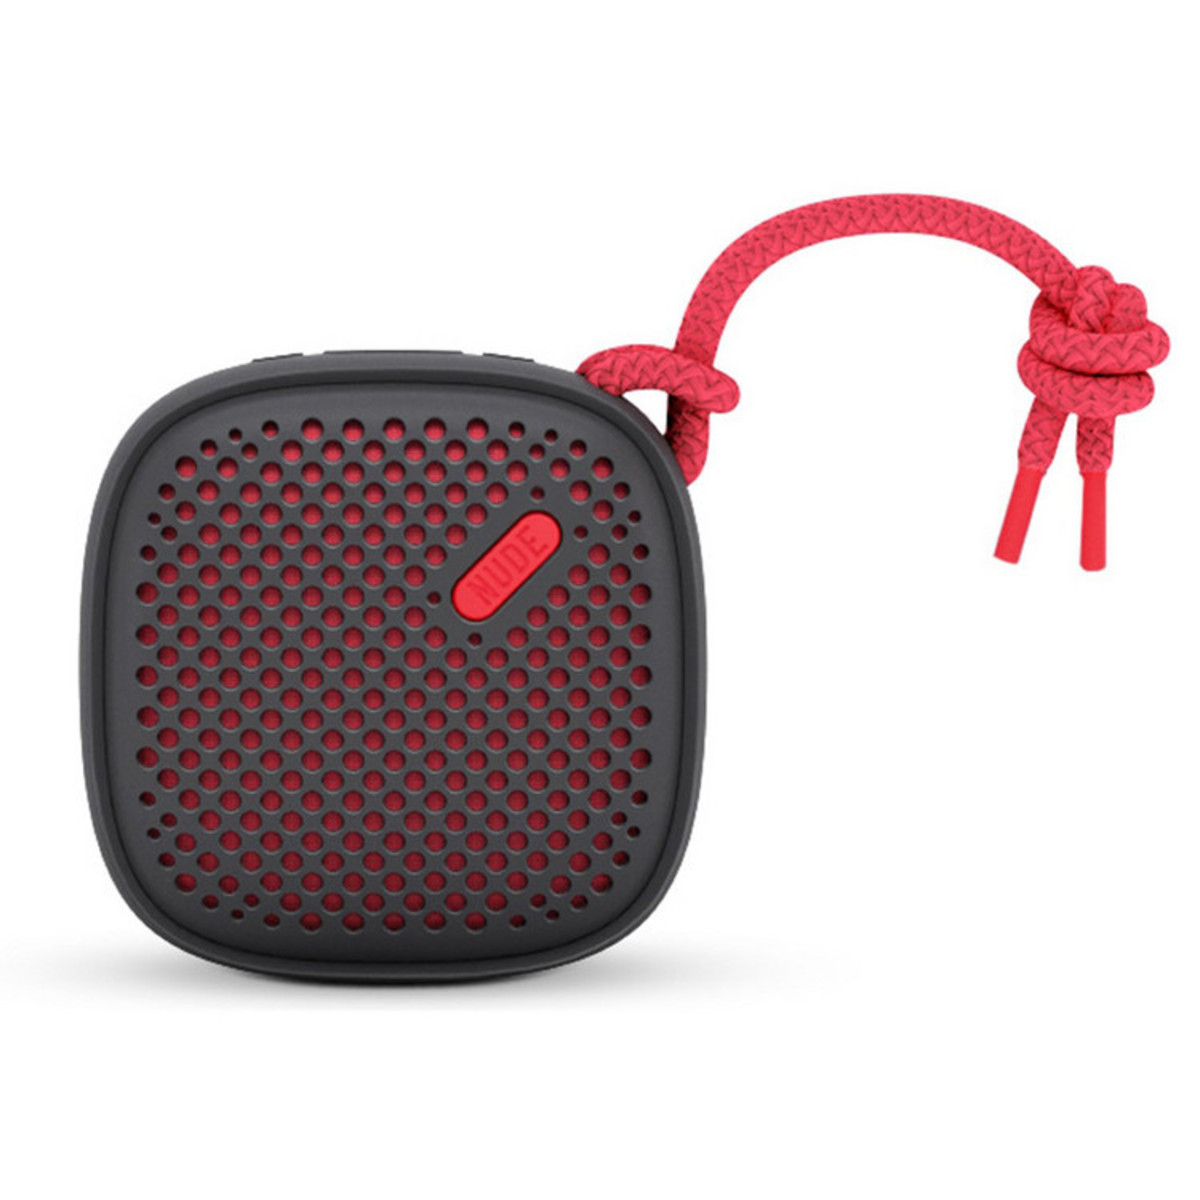 Nude Move Small Portable Universal Bluetooth Speaker 261c2e01456a6